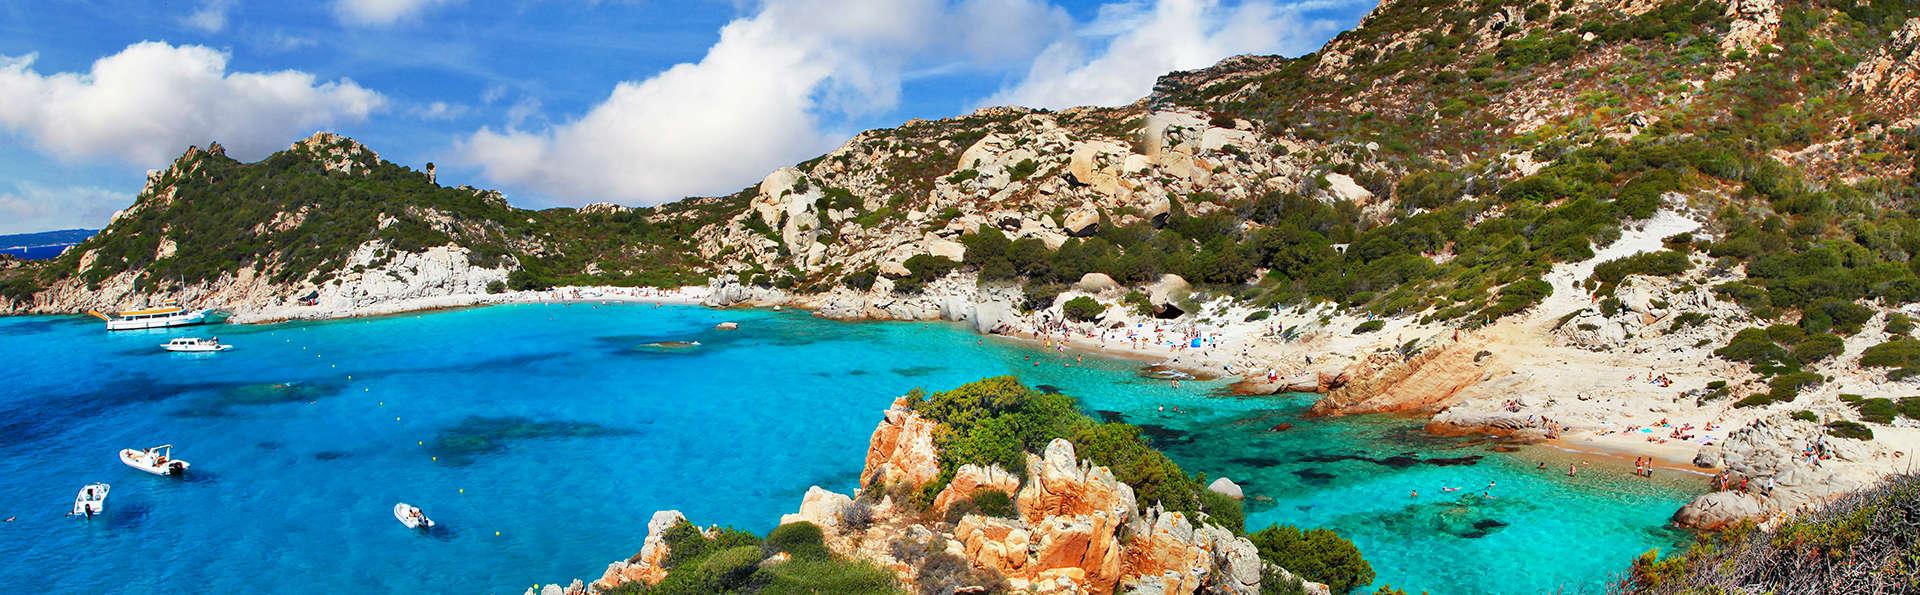 Profitez de la mer cristaline de la Sardaigne dans un appartement à La Maddalena